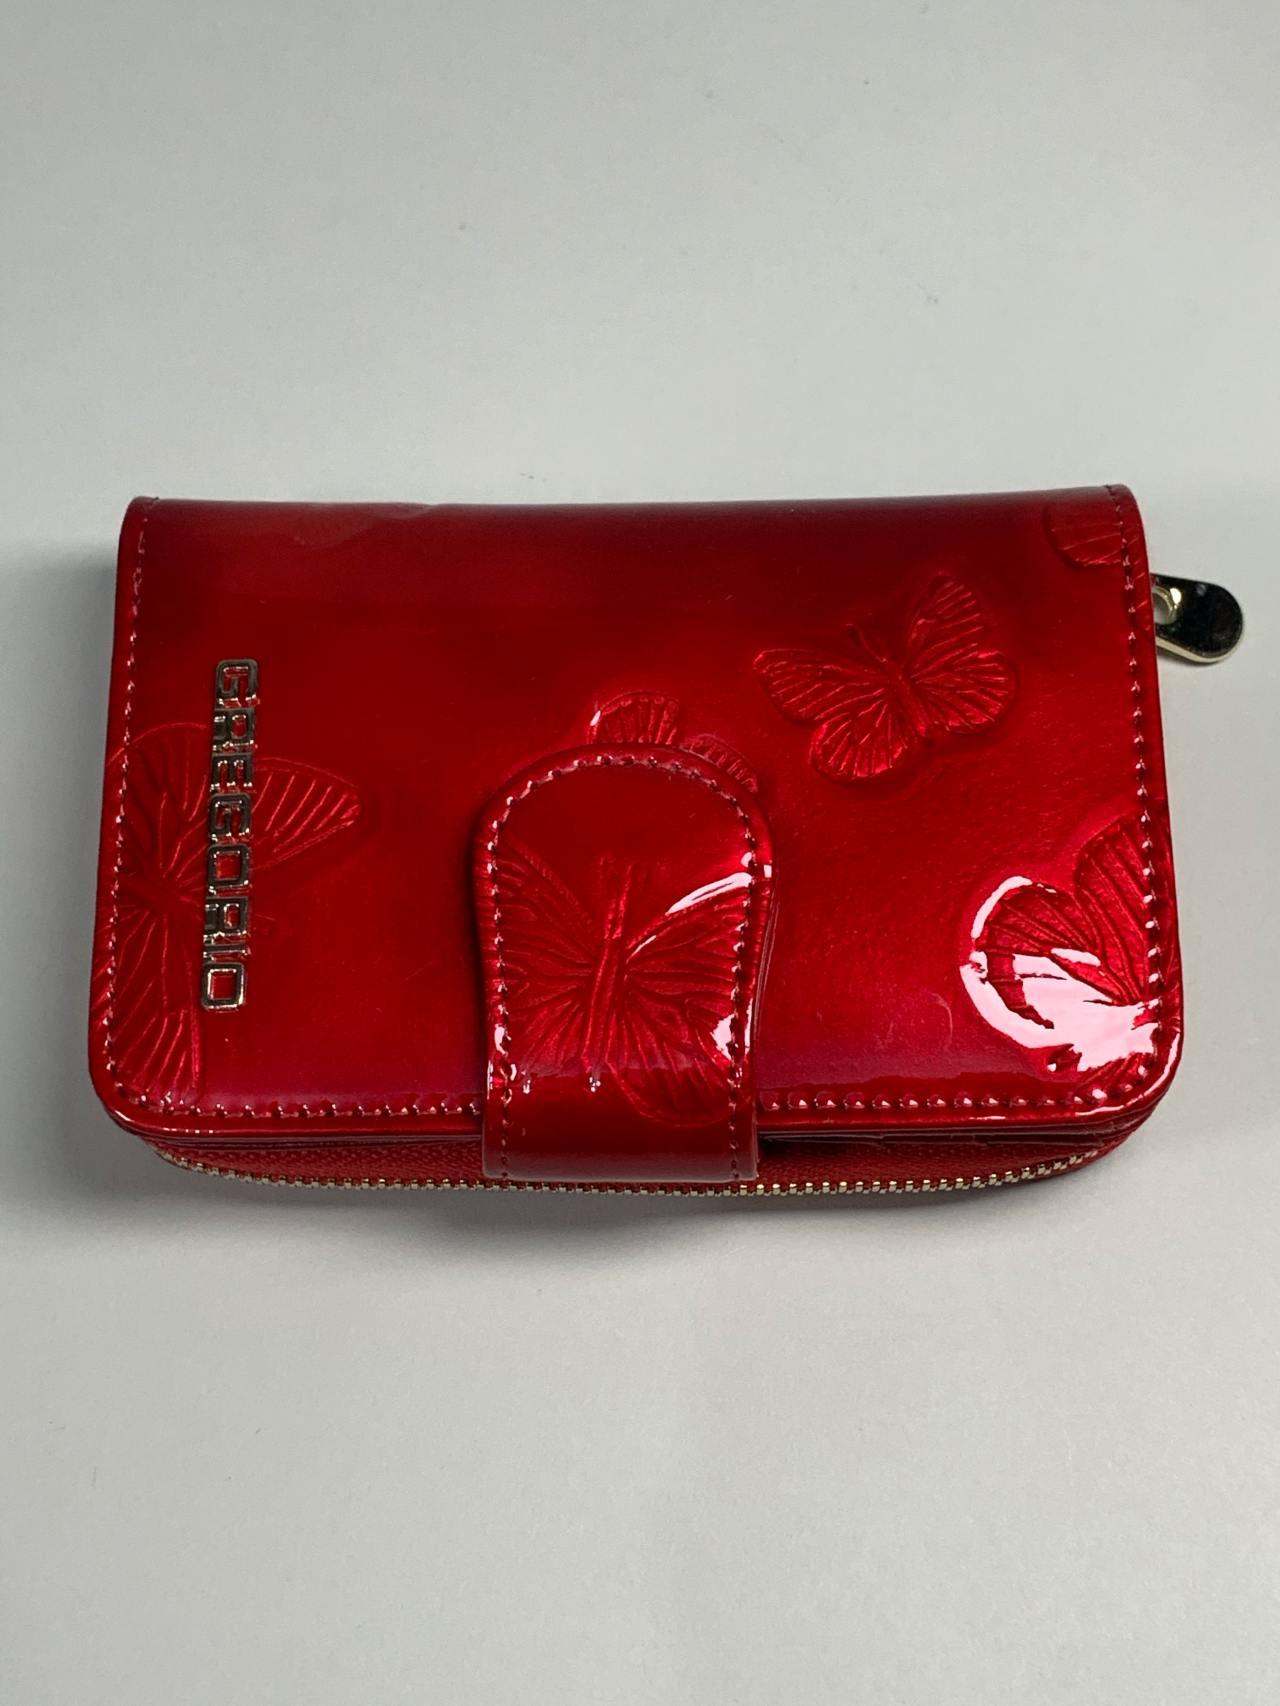 Kožená peněženka Gregorio S červená s motýly -02